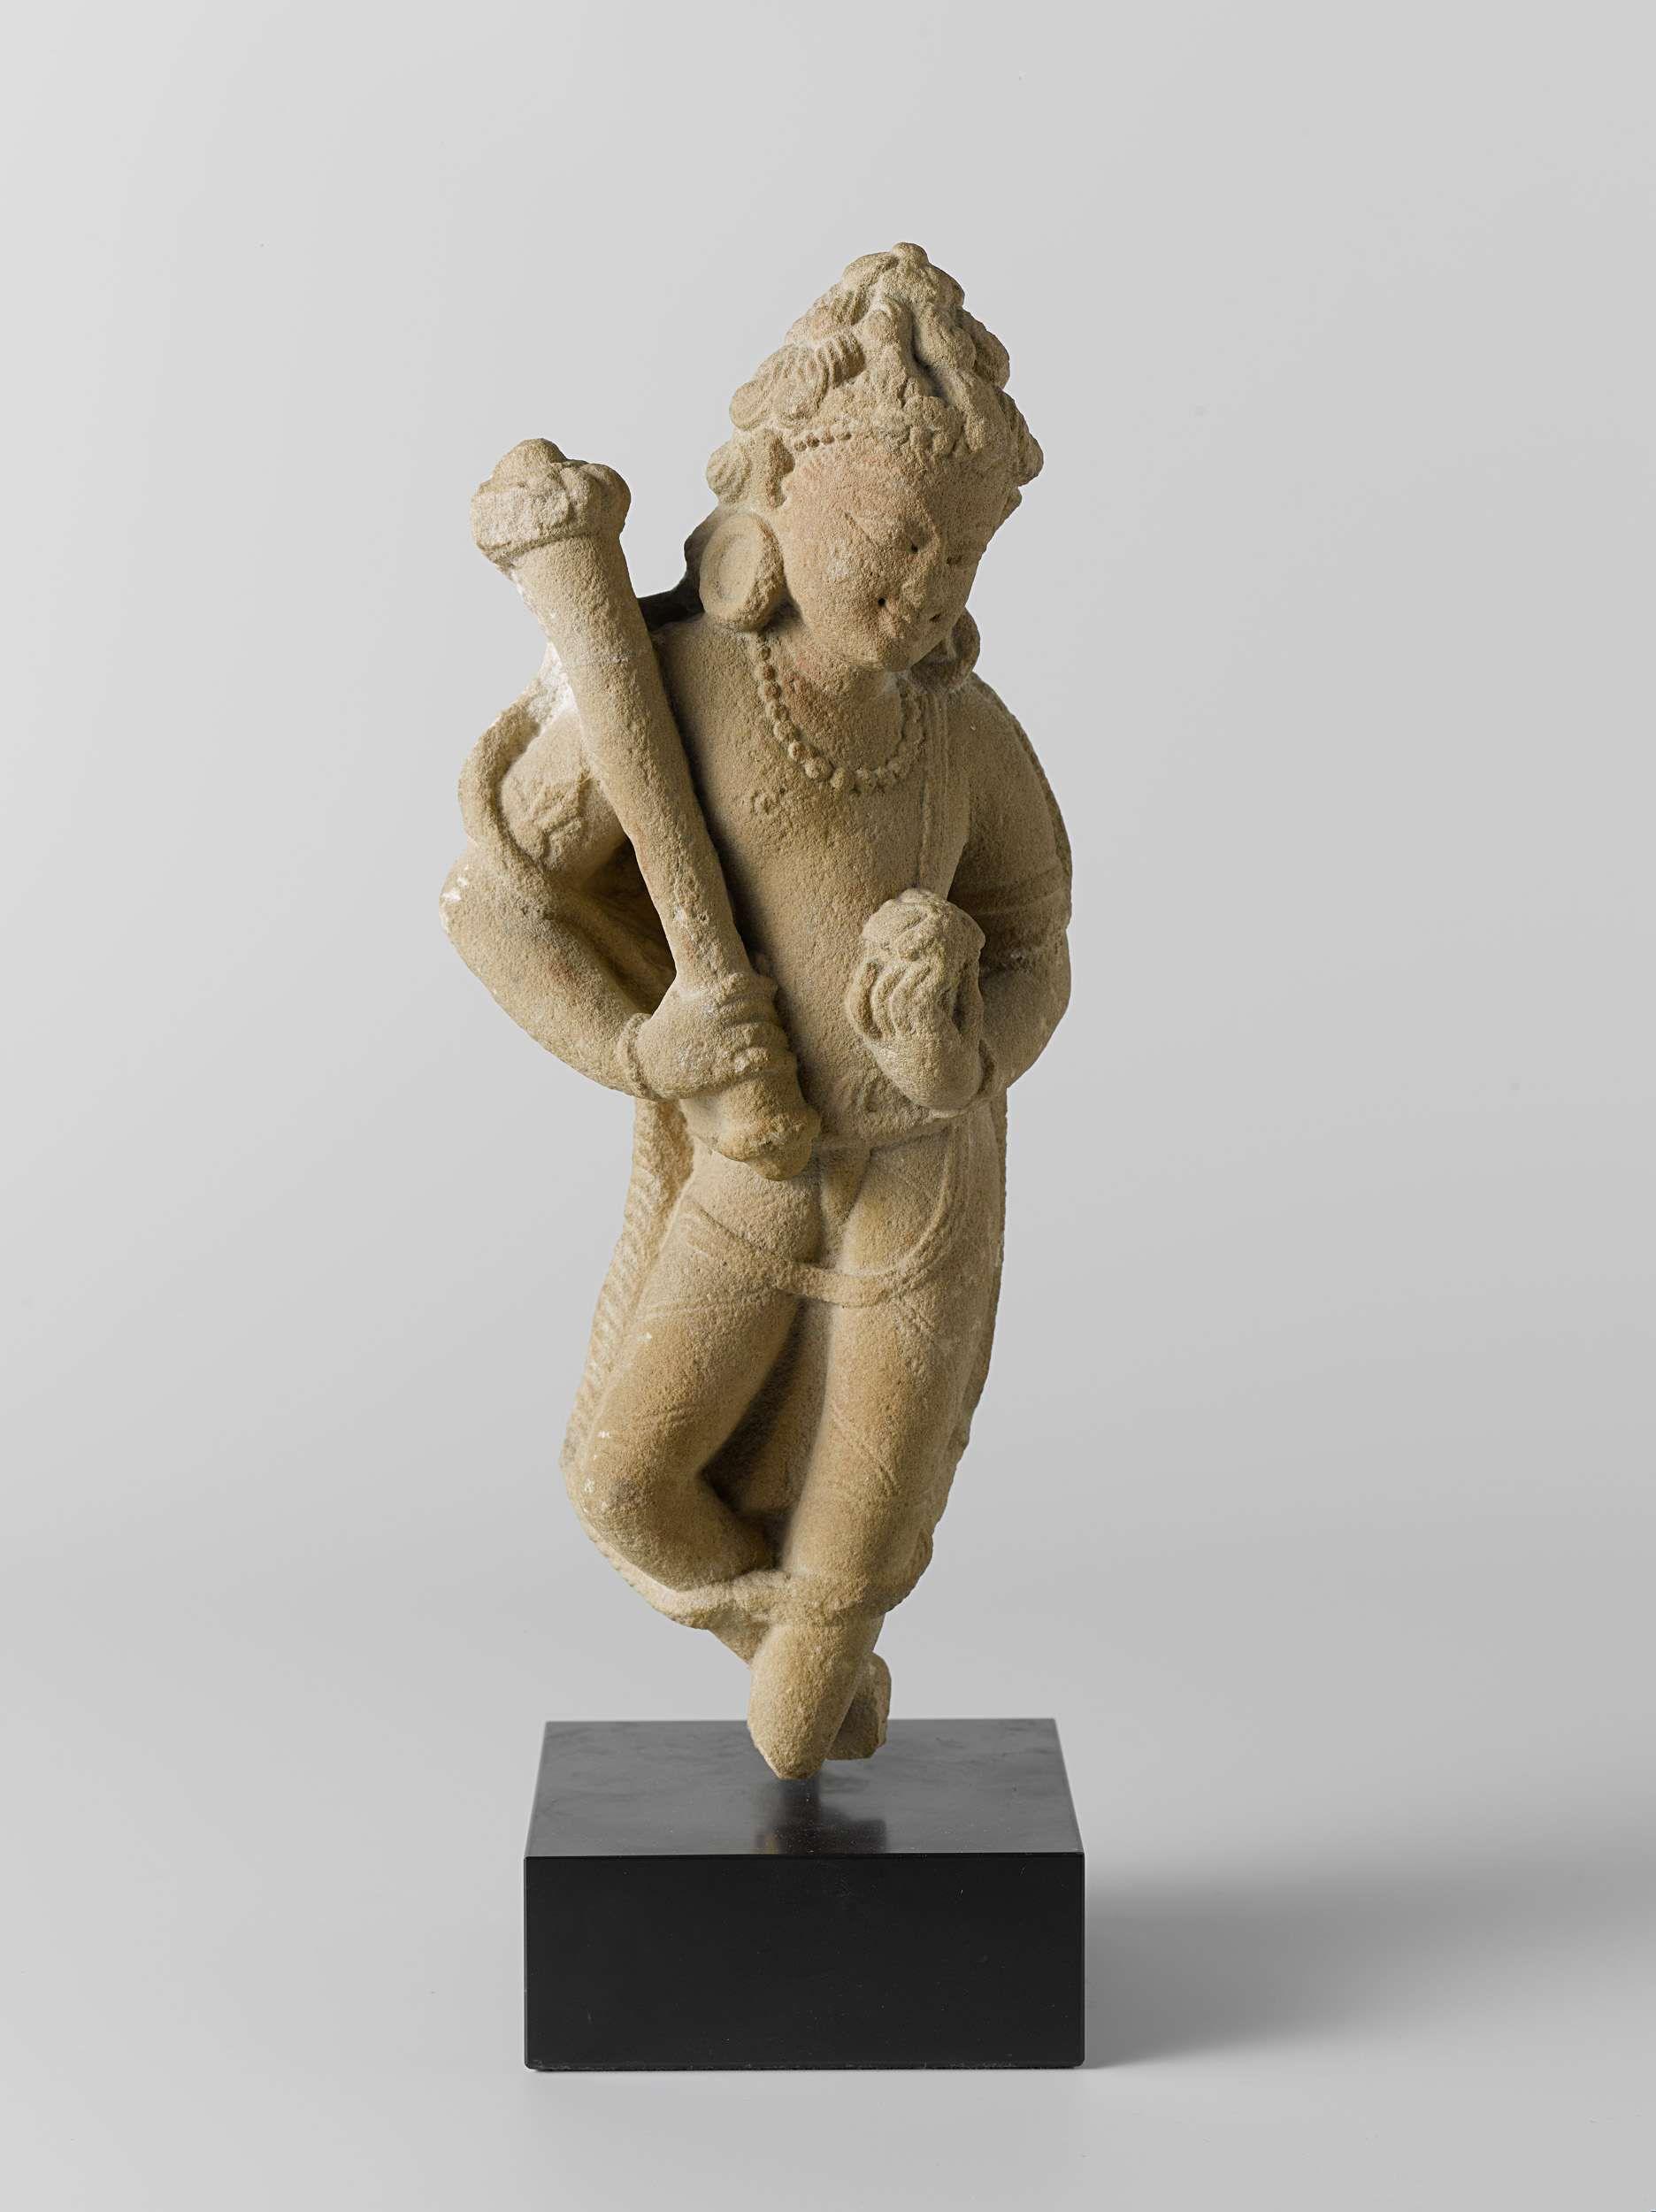 | Dienaar met vliegenwaaier en bloem, 900 - 1200 | Zijfiguur van een dienaar met een vliegenwaaier en een bloem in de handen. De figuur staat met een elegante knik in het lichaam terzijde van een verlorengegane hoofdgodheid.